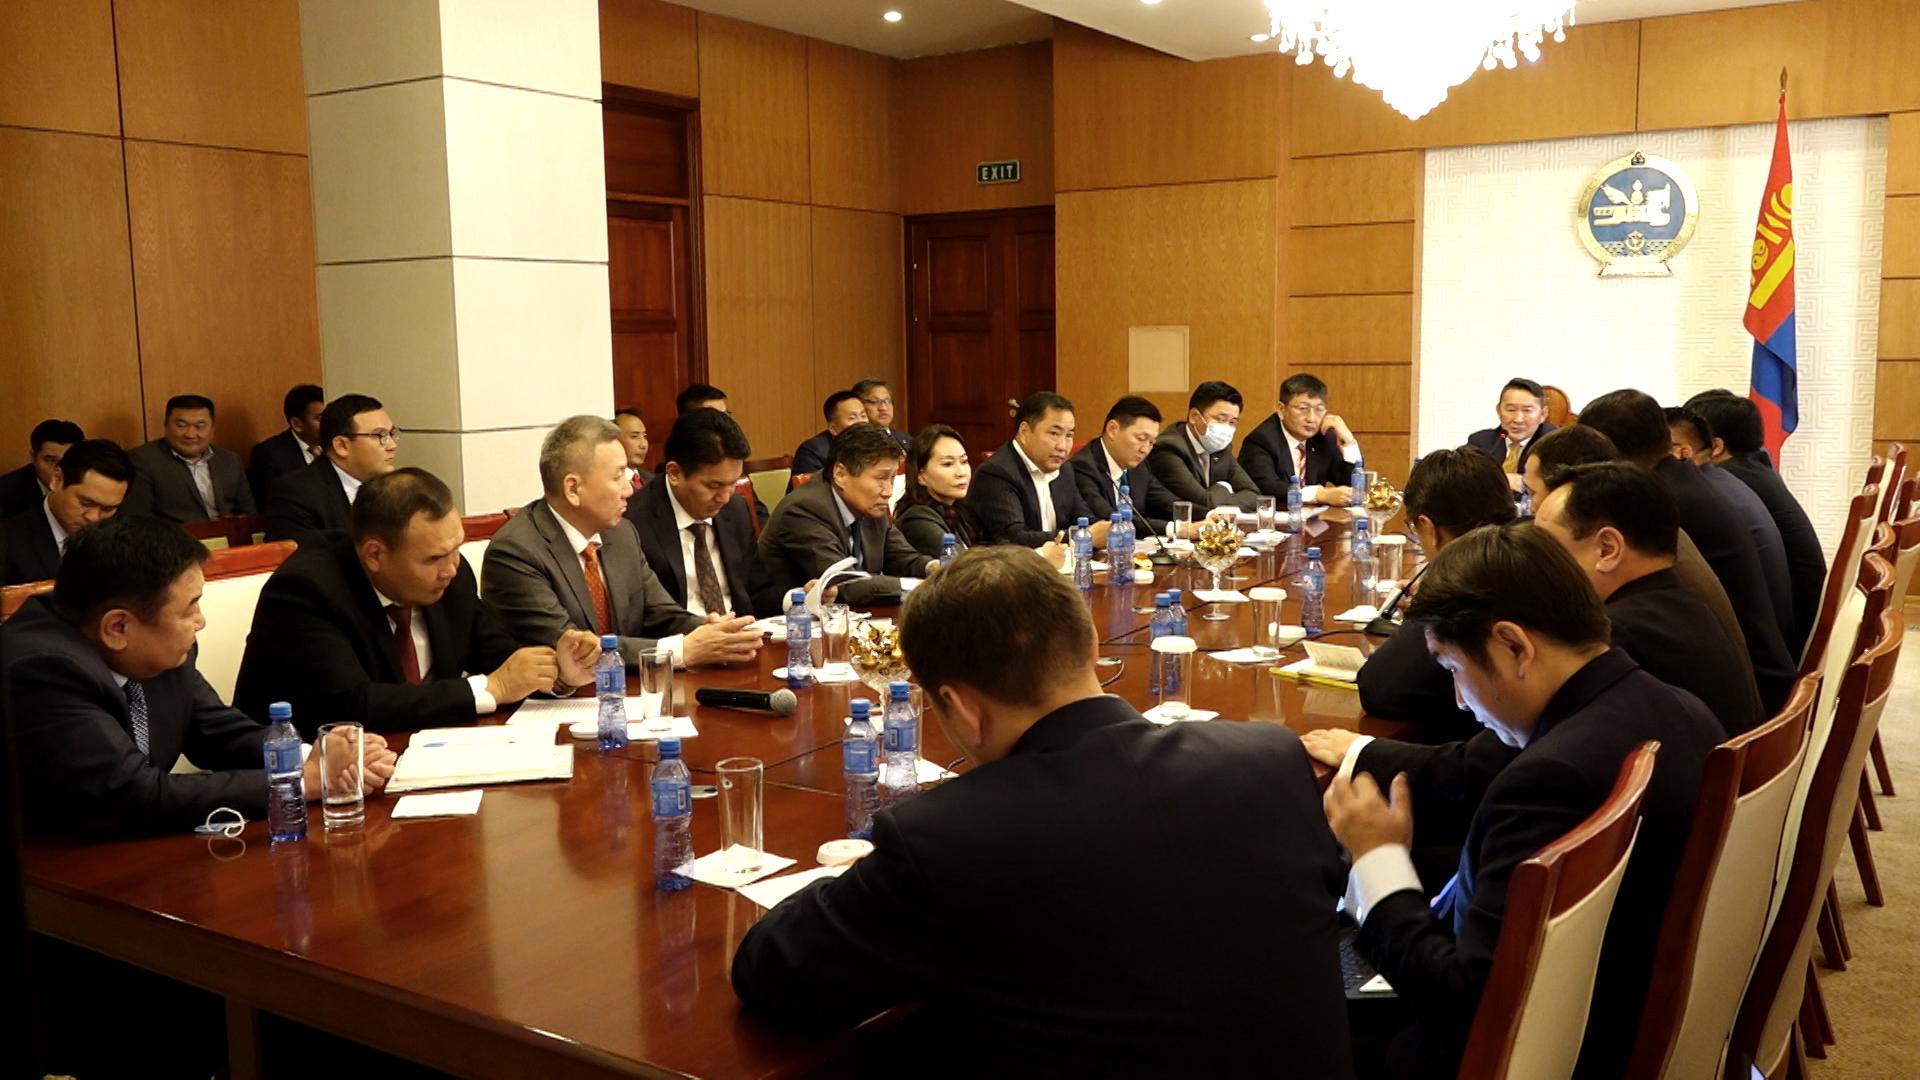 Монгол Улсын Ерөнхийлөгч Х.Баттулга ган болсон зарим аймгаас сонгогдсон УИХ-ын гишүүд, орон нутгийн удирдлагууд, холбогдох албаныхантай уулзаж, санал солилцлоо